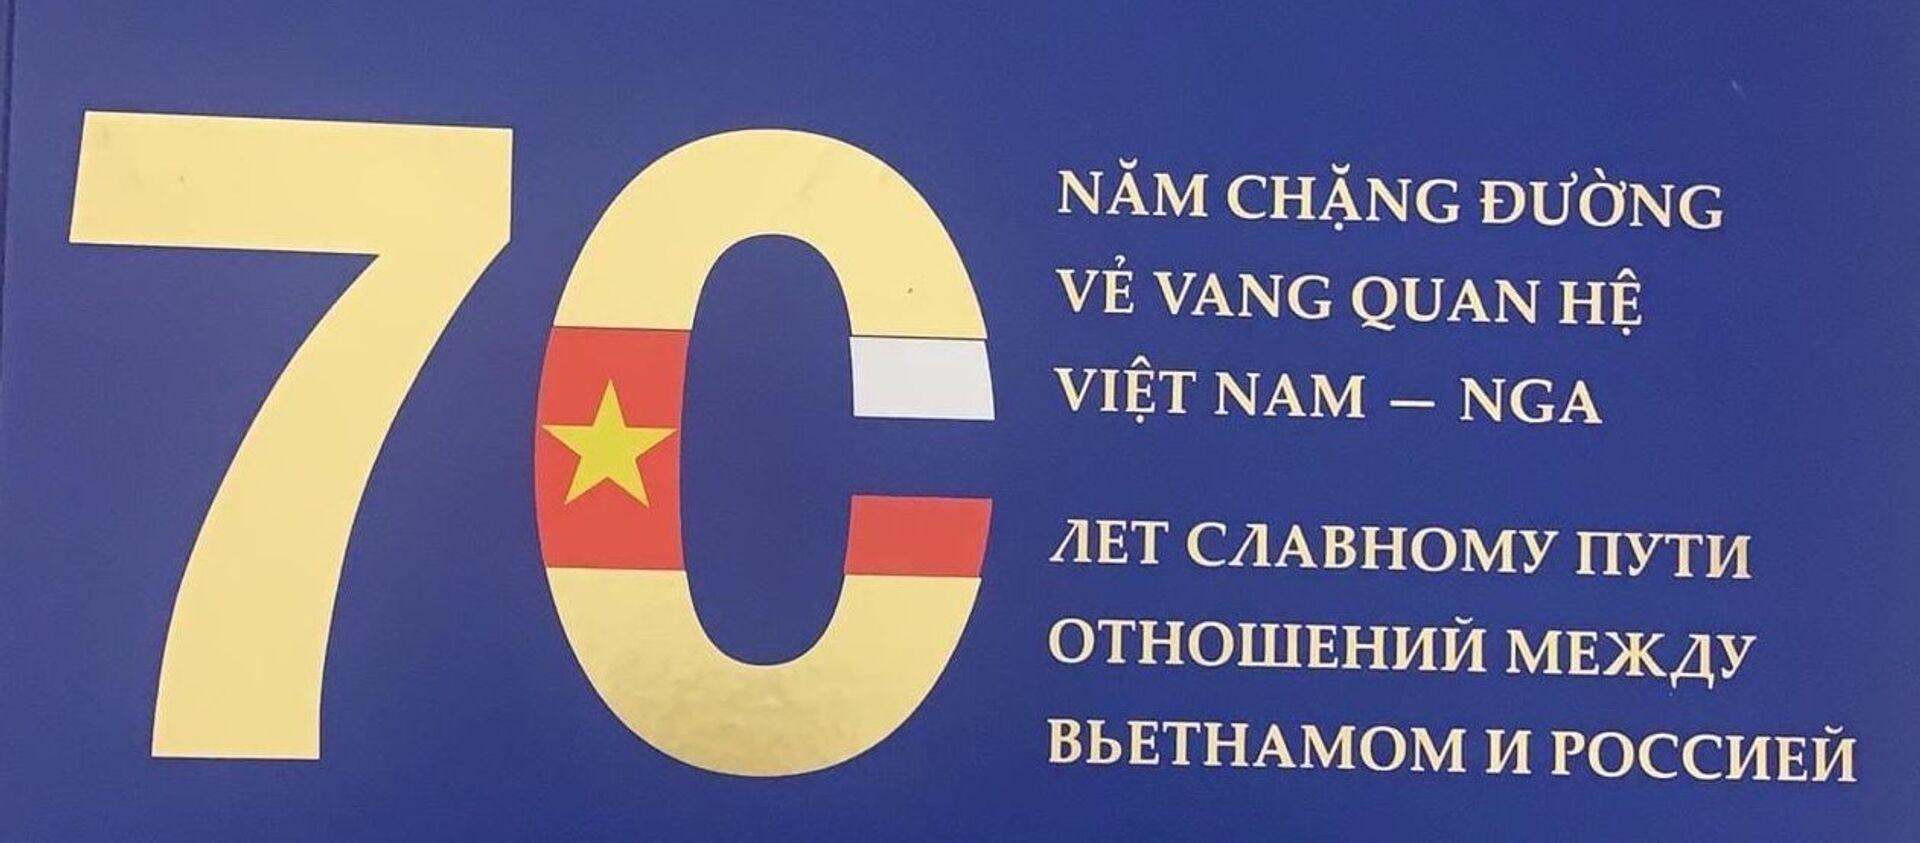 Pho bách khoa thư độc đáo về quan hệ của Việt Nam và Nga - Sputnik Việt Nam, 1920, 06.03.2021